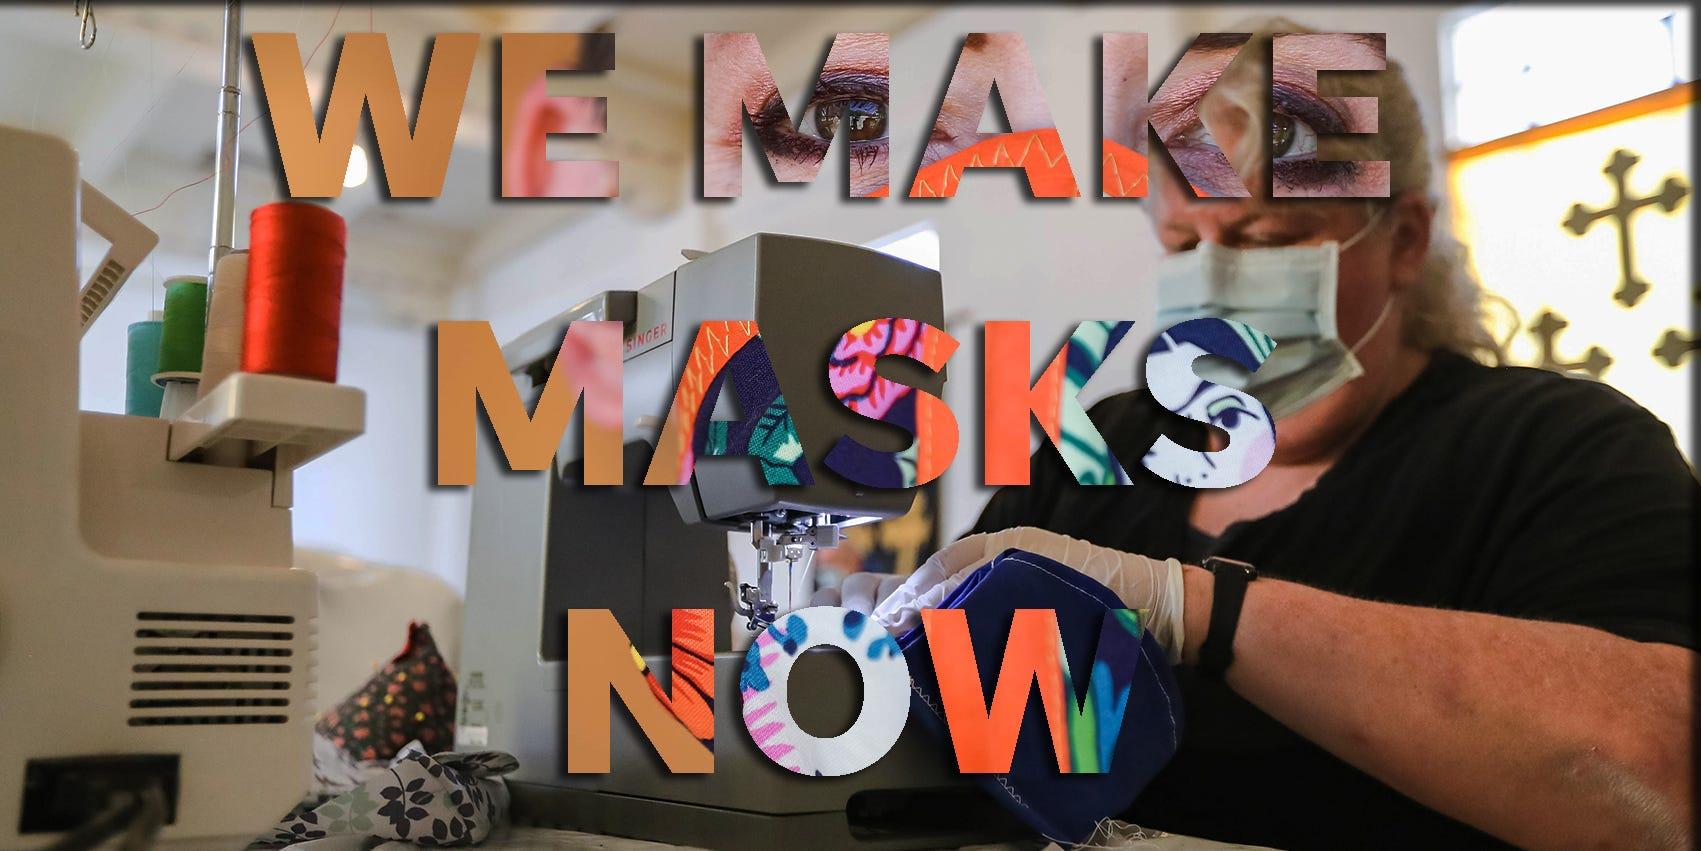 We make masks now